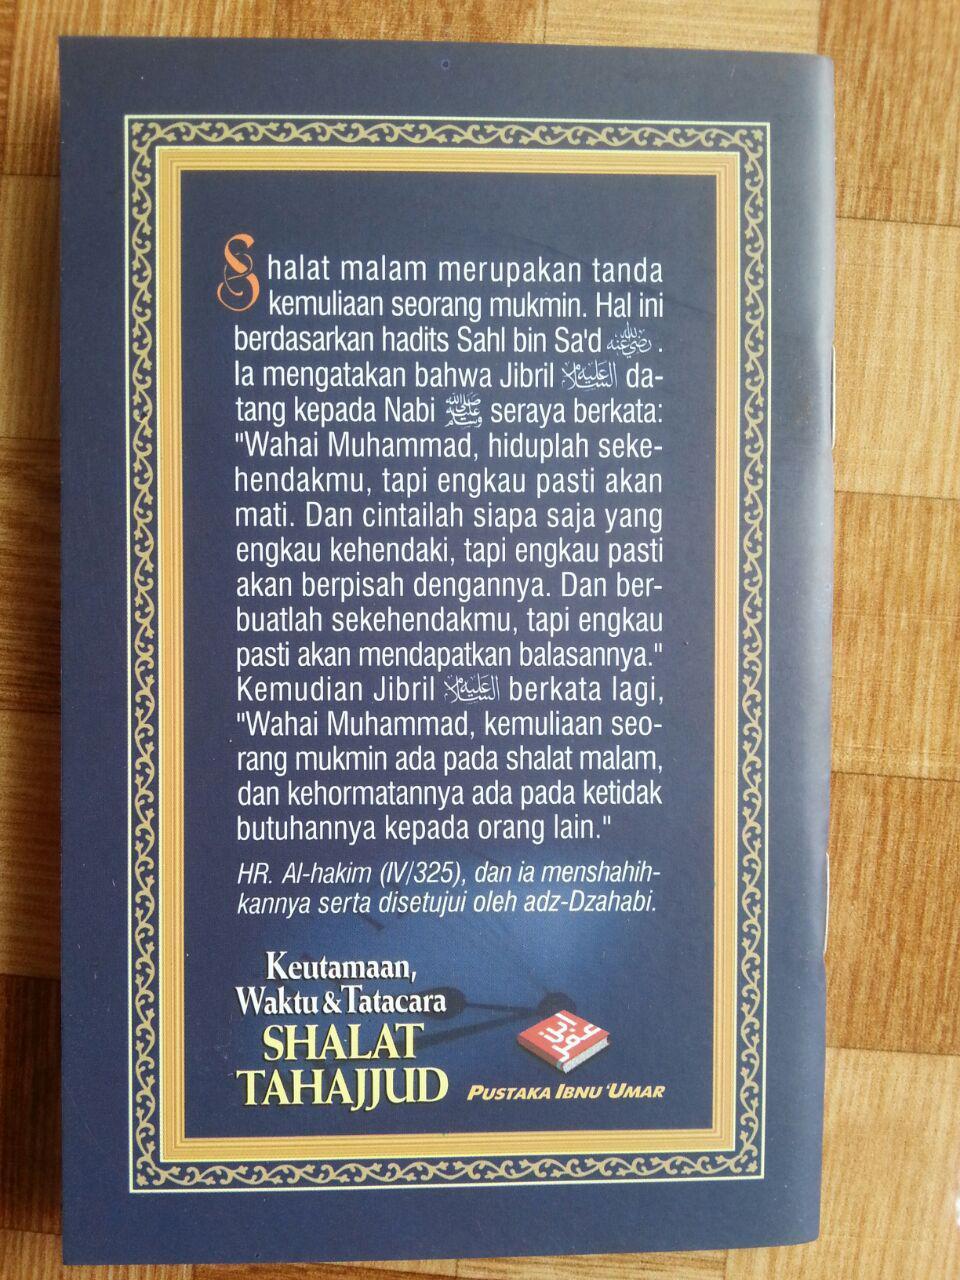 Buku Saku Keutamaan Waktu dan Tata Cara Shalat Tahajjud cover